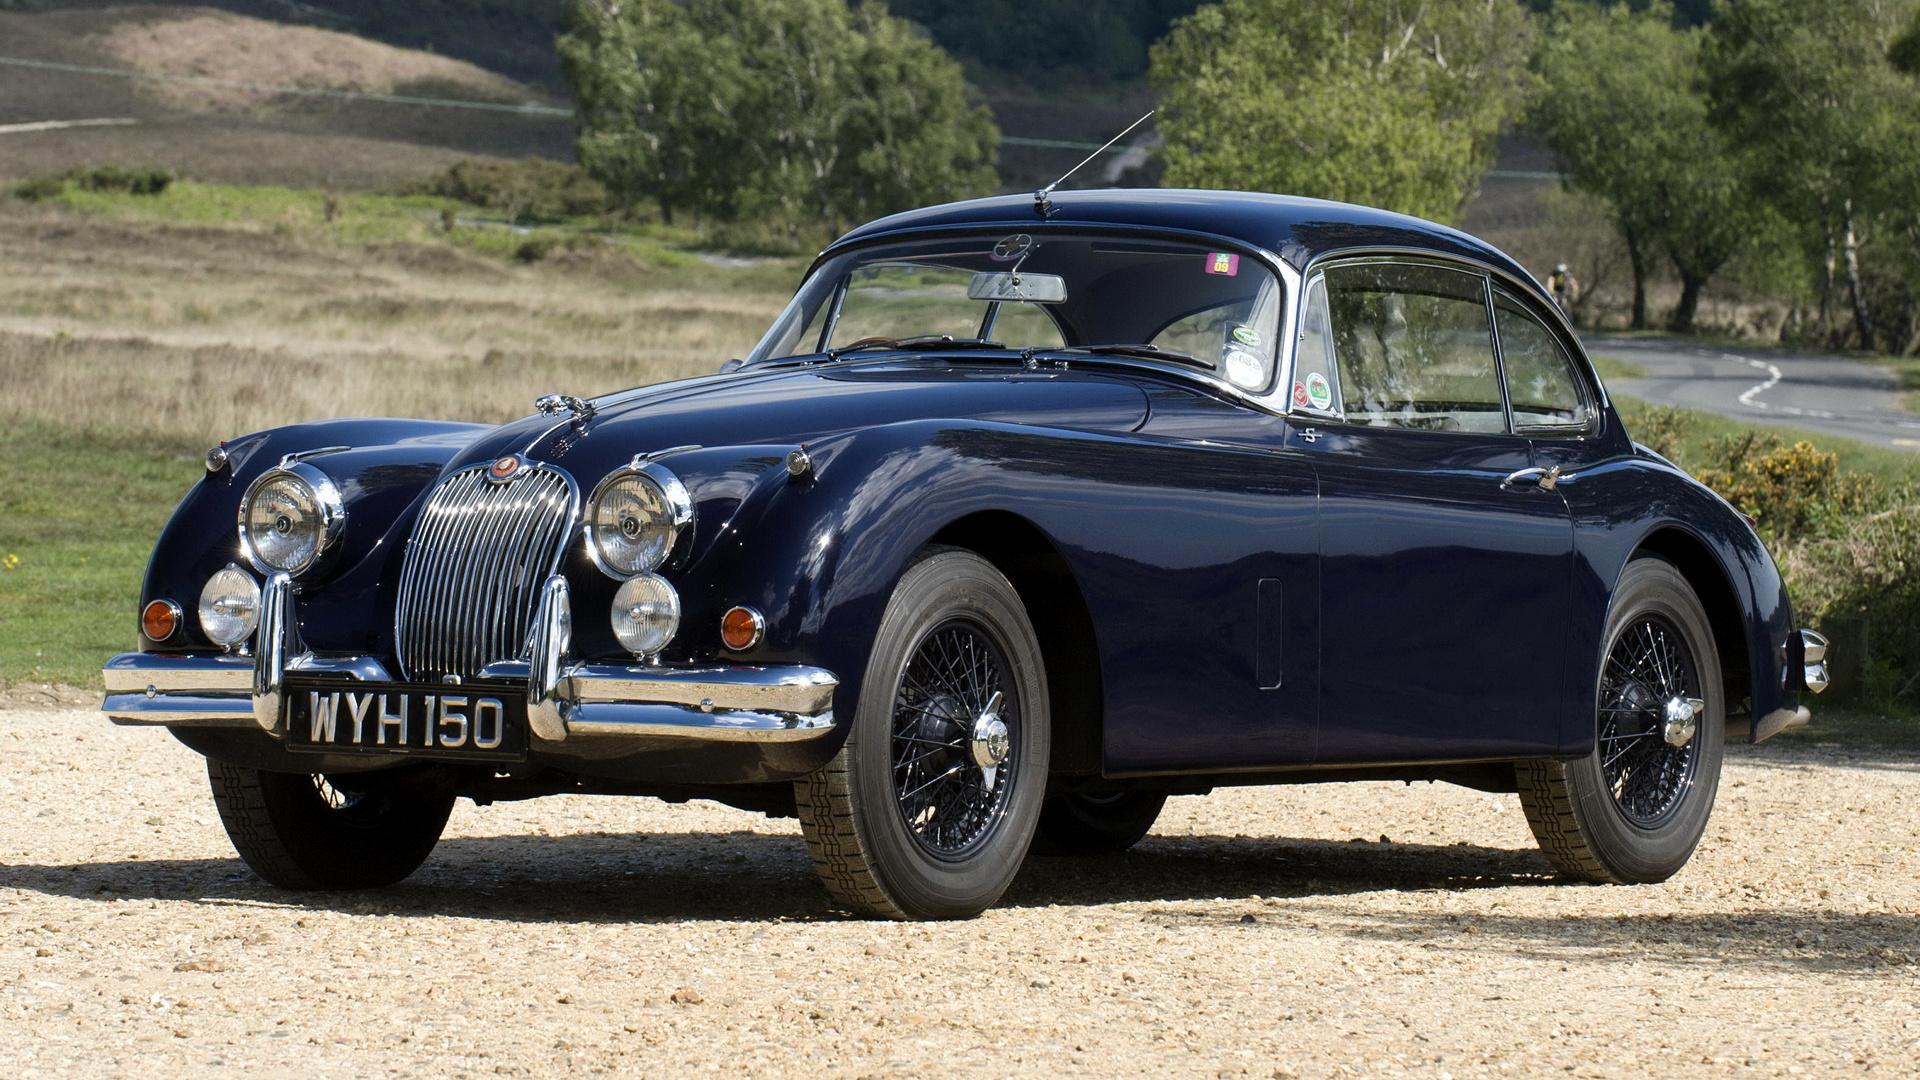 Отделение Jaguar Classic начало выпуск чугунных блоков цилиндров для раритетных «Ягуаров» 50-60-х годов. 3,8-литровые «шестёрки» серии XK устанавливались в середине прошлого века на модели XK150, XK150 S, Mk IX, Mk 2, Mk X, E-type Series 1 и S-type.